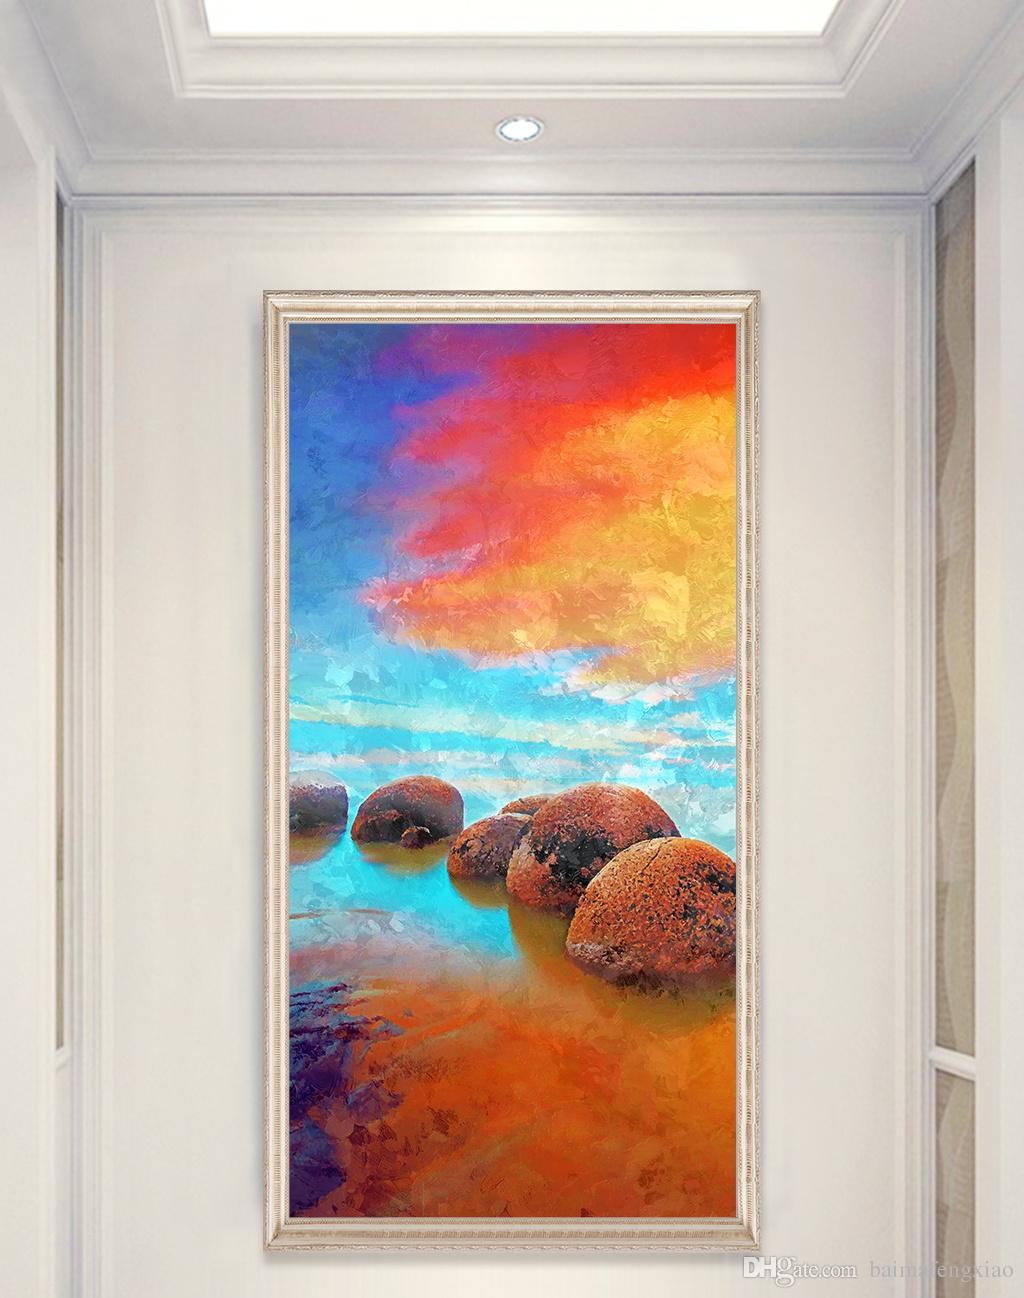 ZYXIAO Posterler ve Baskılar manzara sunrise seaside modern Yağlıboya Tuval Hiçbir Çerçeve Duvar Resimleri için Oturma Odası Ev Dekorasyon ys0101